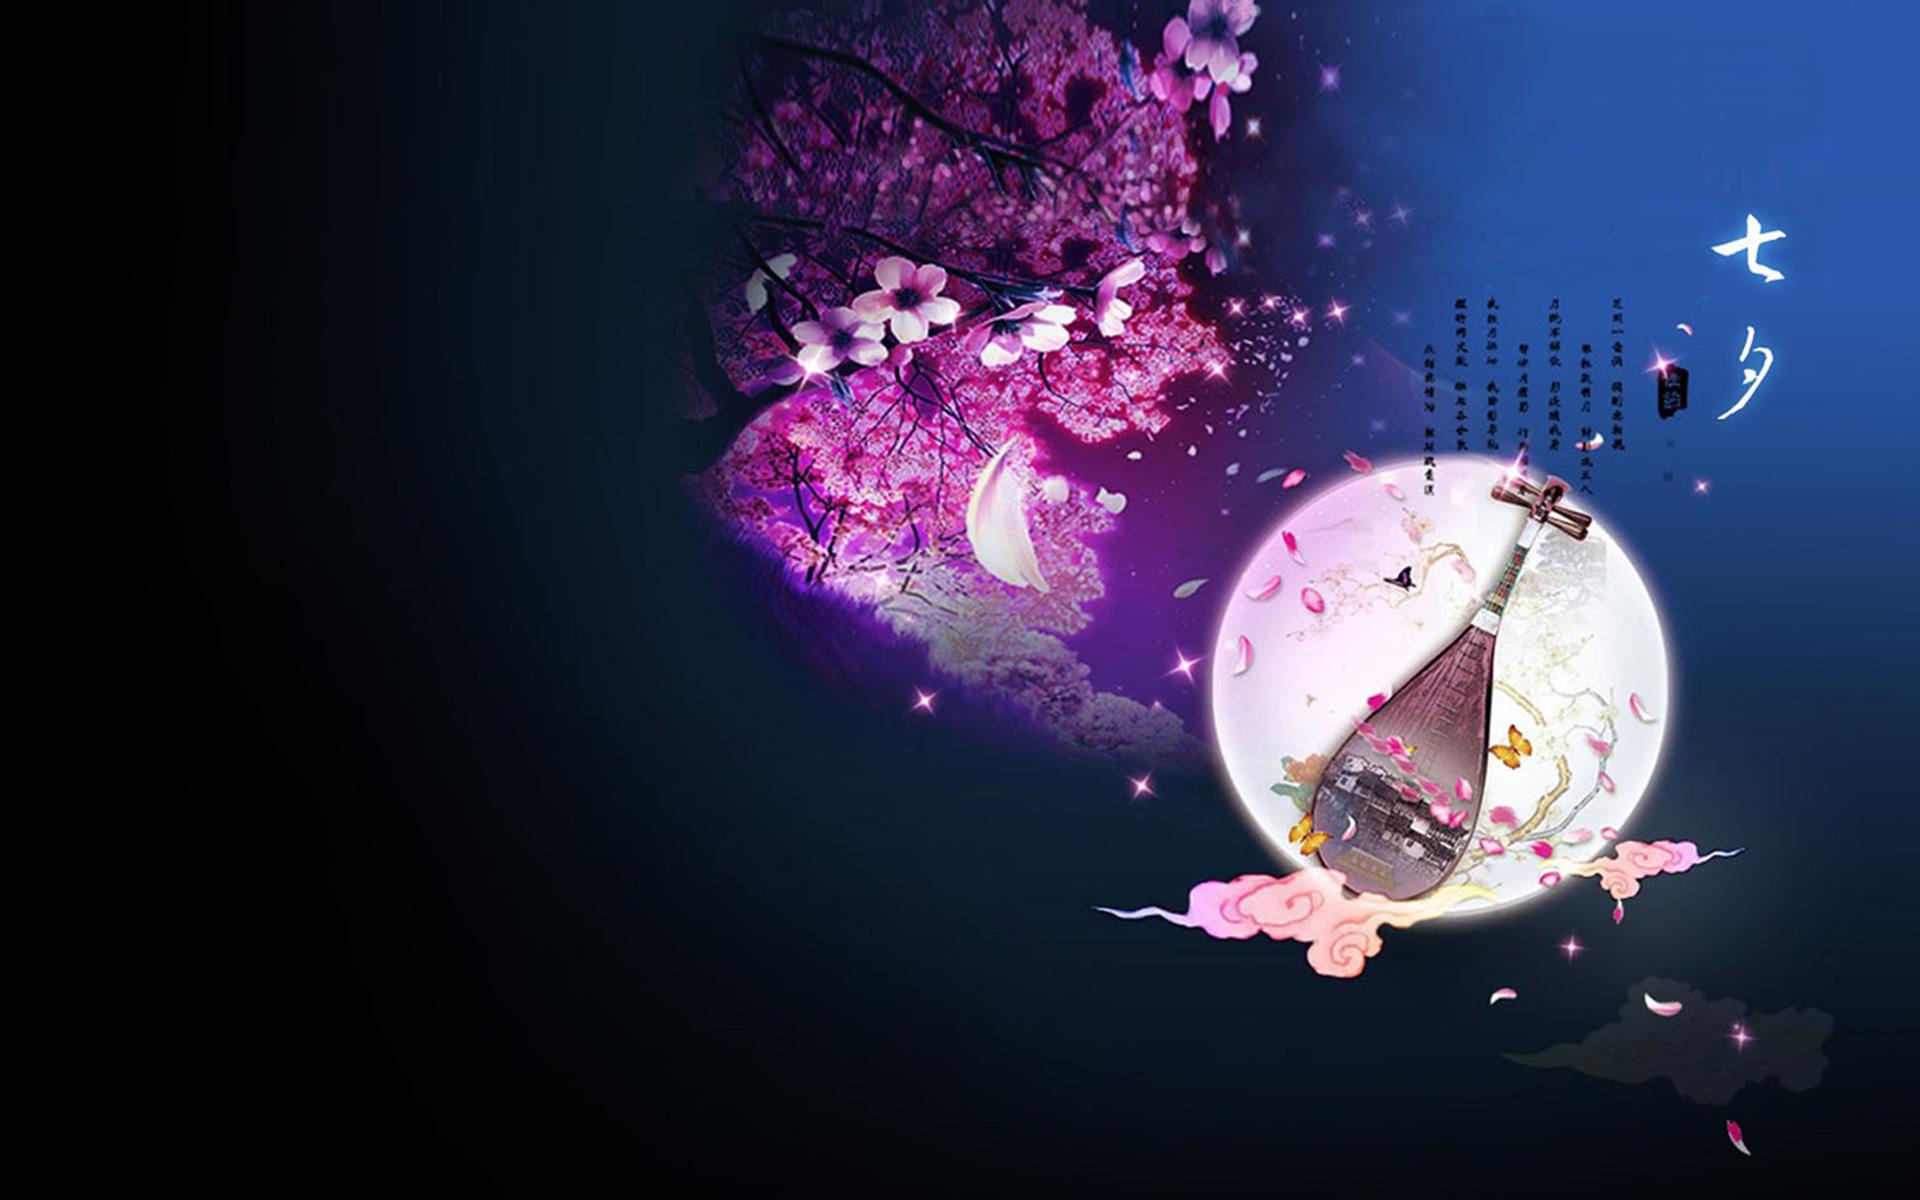 > 古典唯美七夕ppt背景图片  上一页:2015十一国庆节可爱ppt背景图片